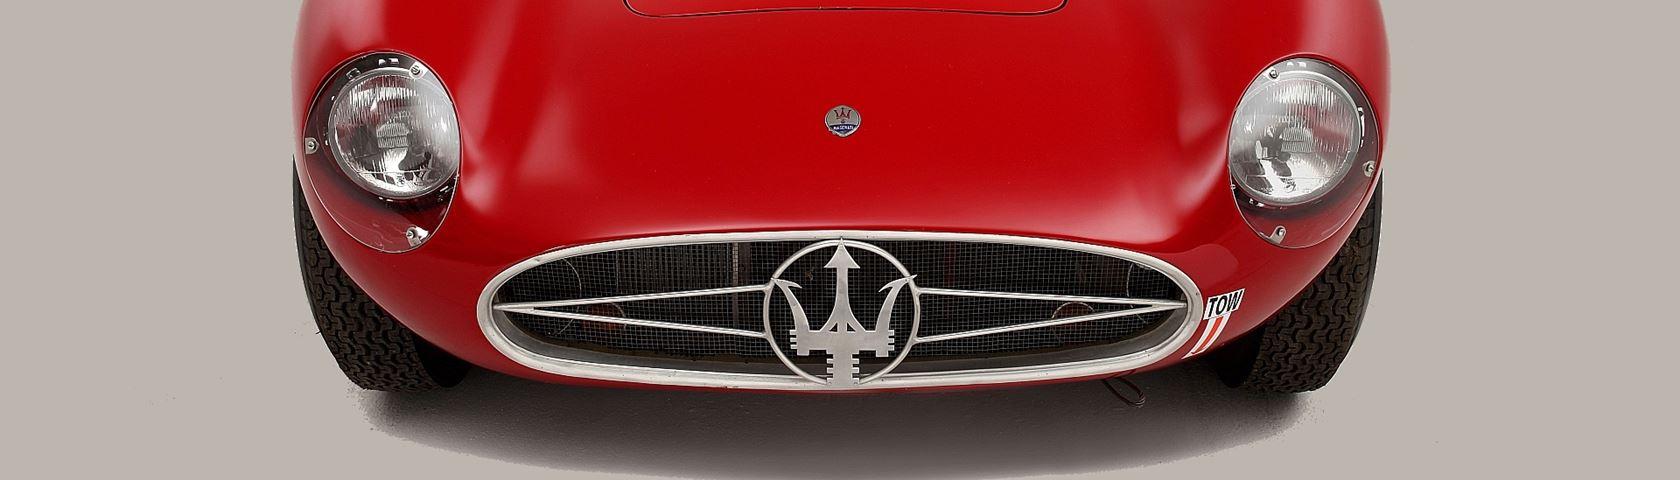 1955 - Maserati 300s